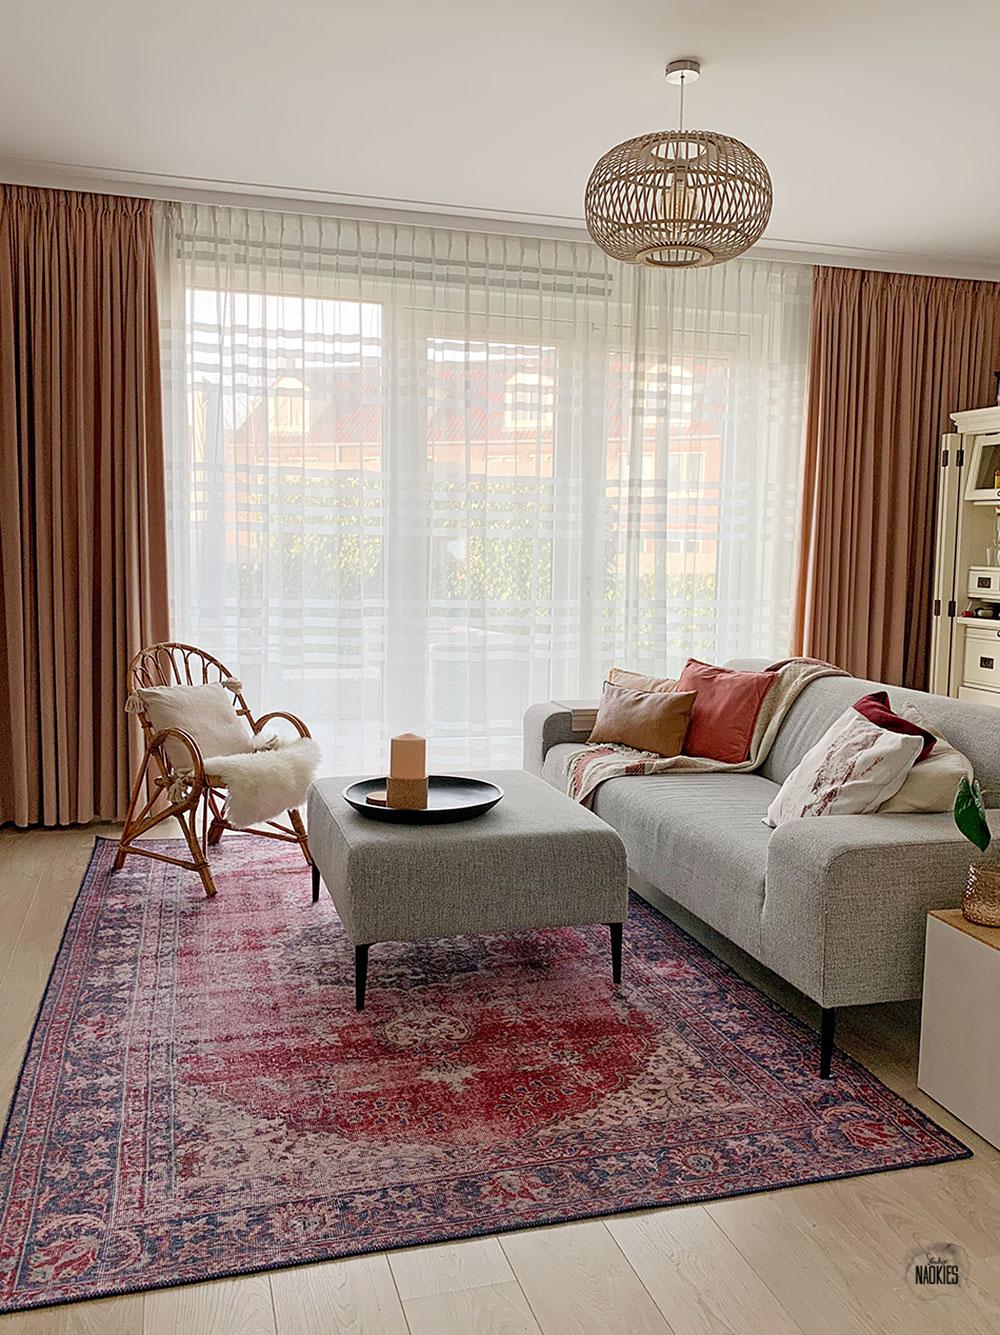 Vintage vloerkleed voor in de woonkamer Volero Studio Naokies